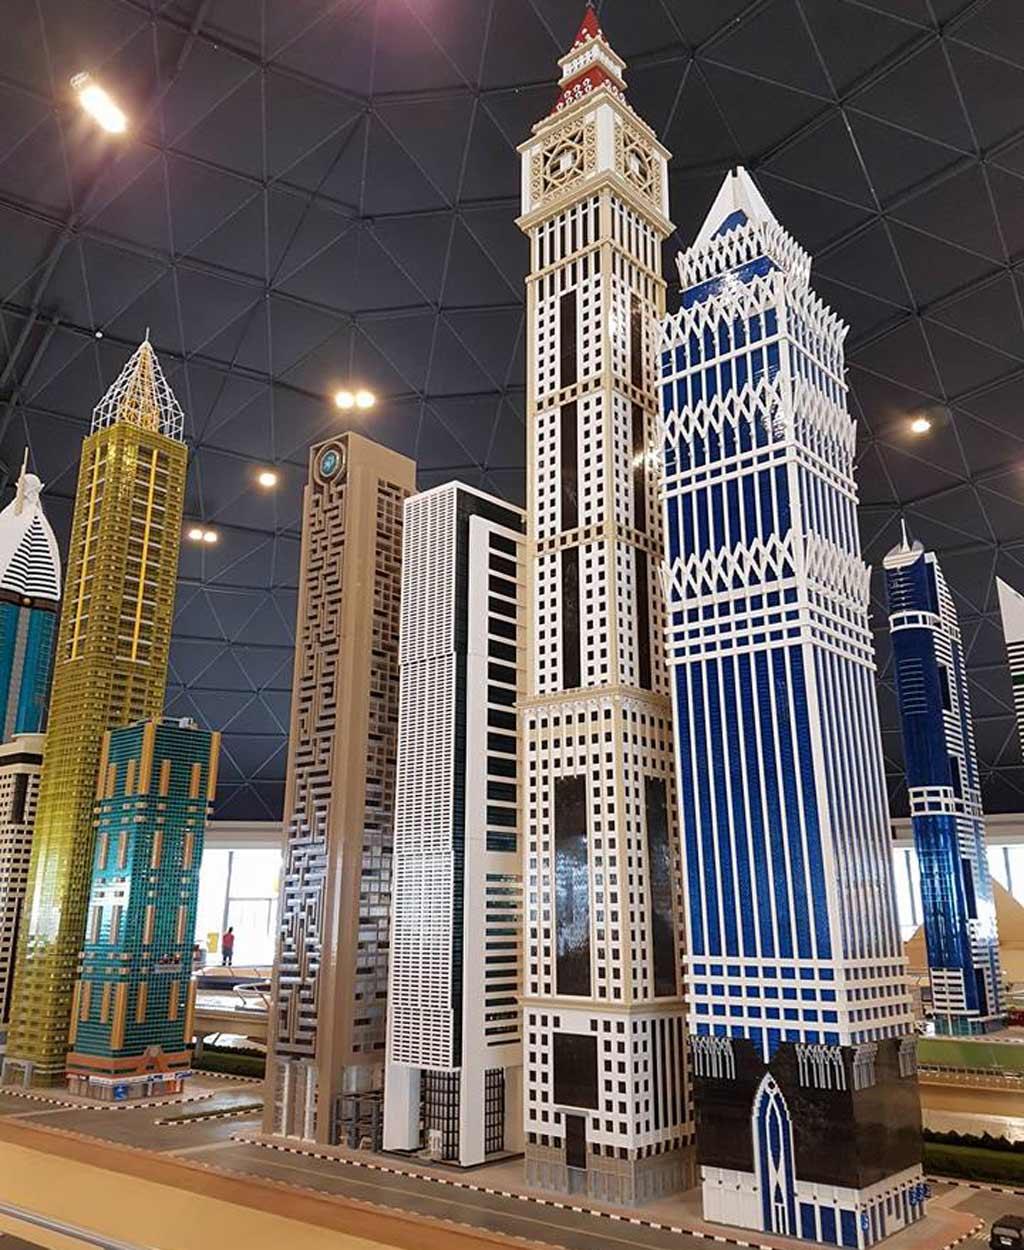 Hoch hinaus im LEGOLAND Dubai | © Ronald Innes